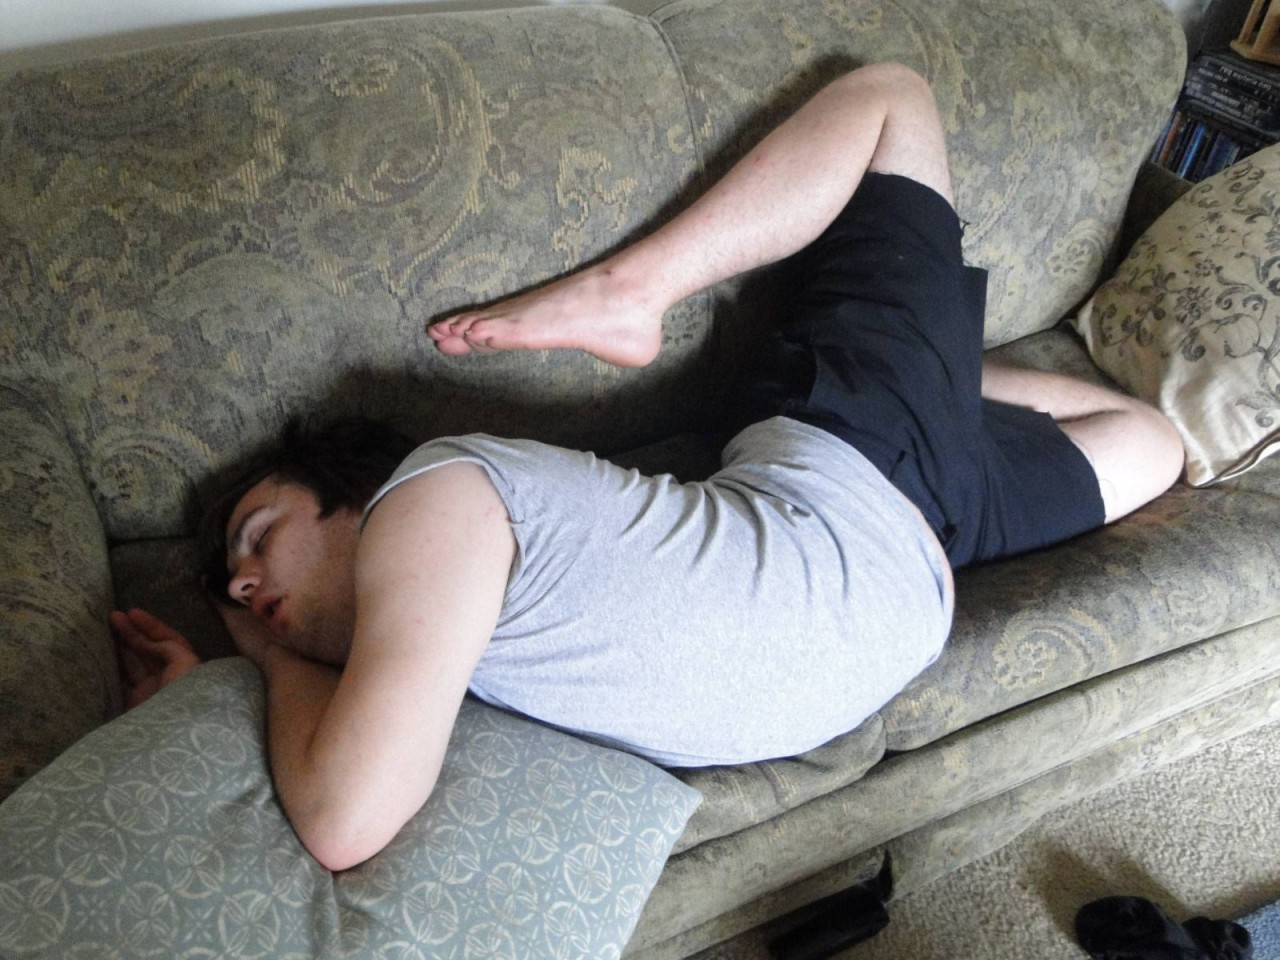 Мужик фотографирует пьяную жену на диване  675744